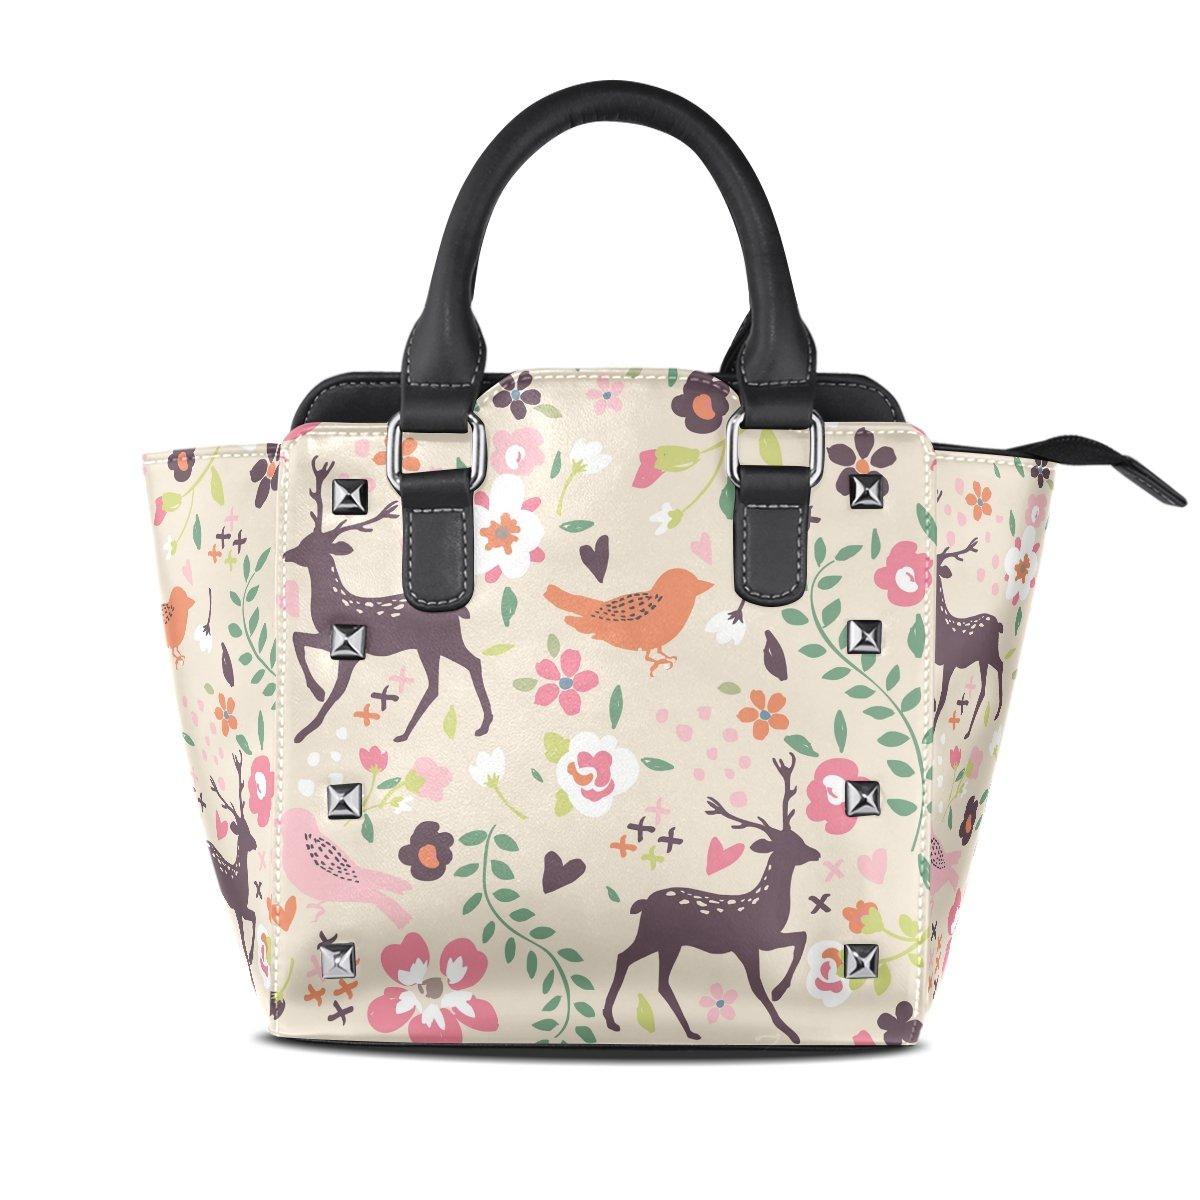 Ladies Genuine Leather Tote Bags Sika Deers Birds Womens Hangbags Shoulder Bags